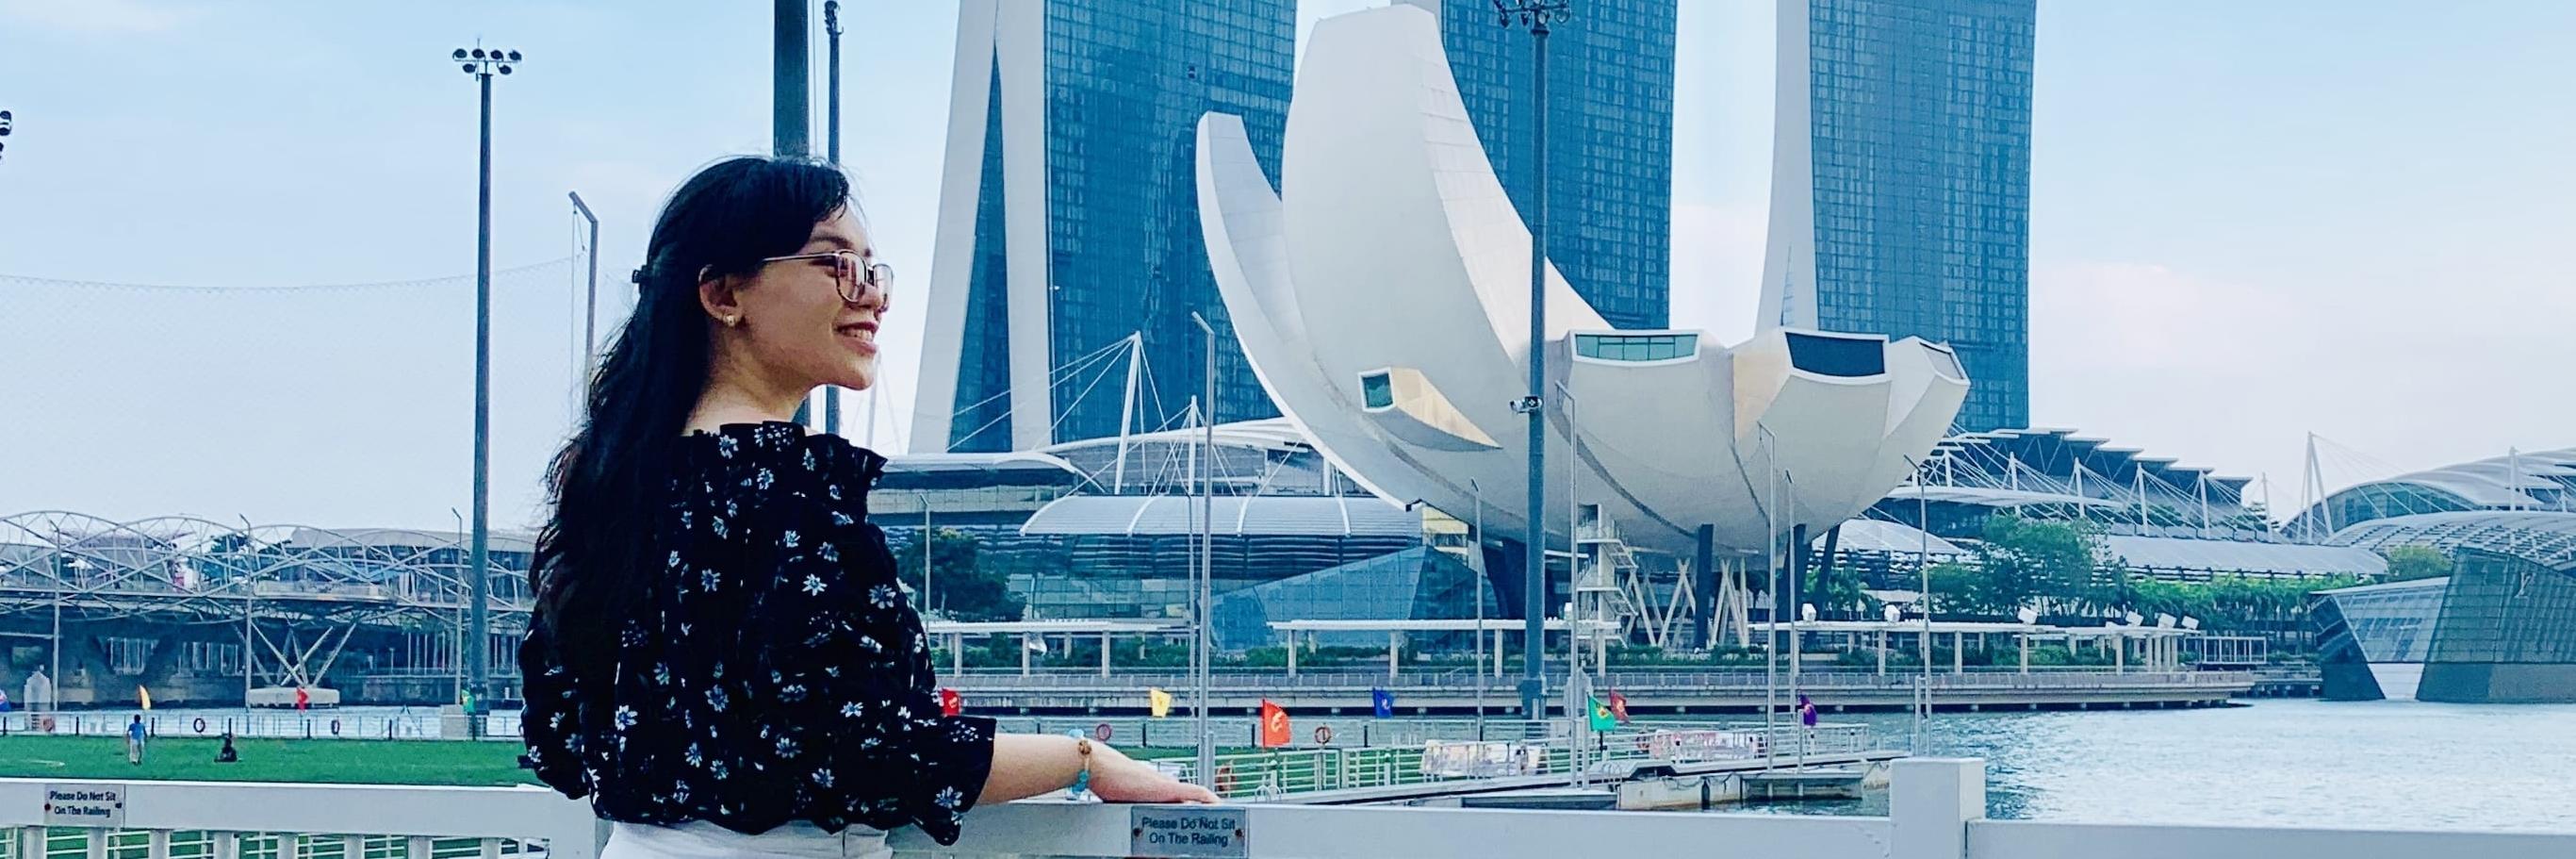 https://gody.vn/blog/quynhchi191020164143/post/nhung-trai-nghiem-het-suc-thu-vi-neu-ban-chi-co-1-ngay-transit-o-singapore-5776